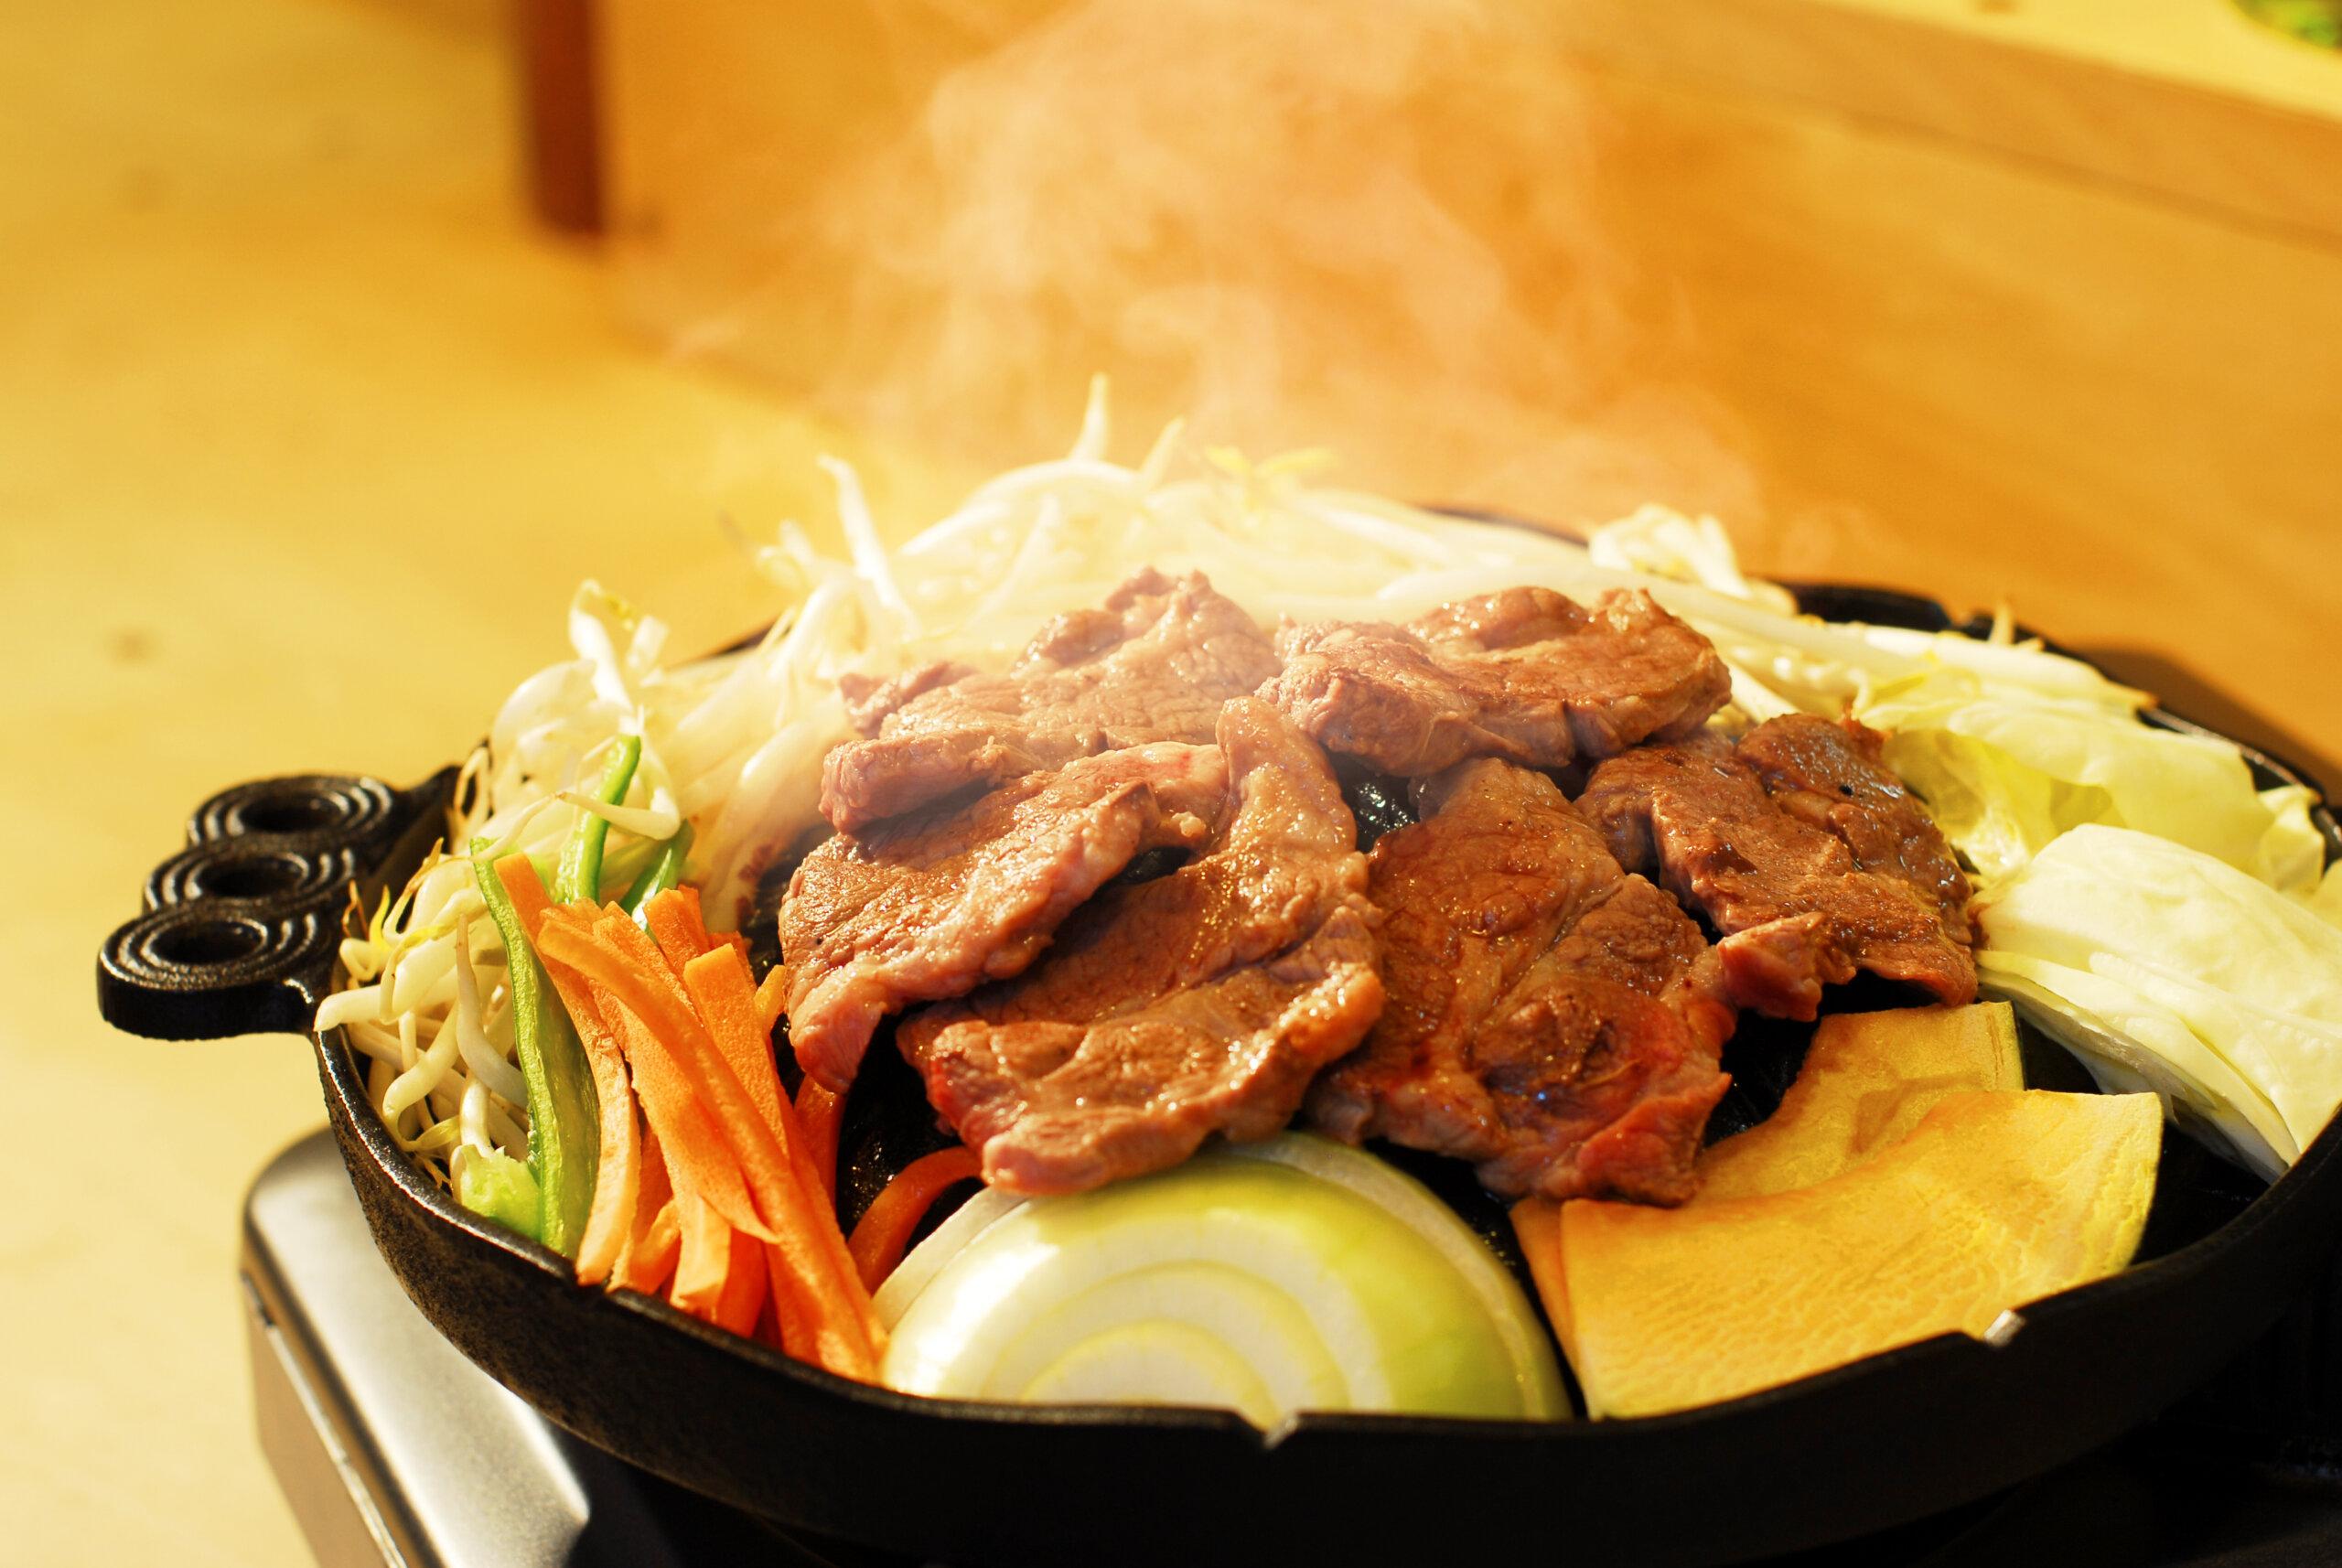 別錯過匯集整個北海道美食的寶庫「新千歲饗宴」